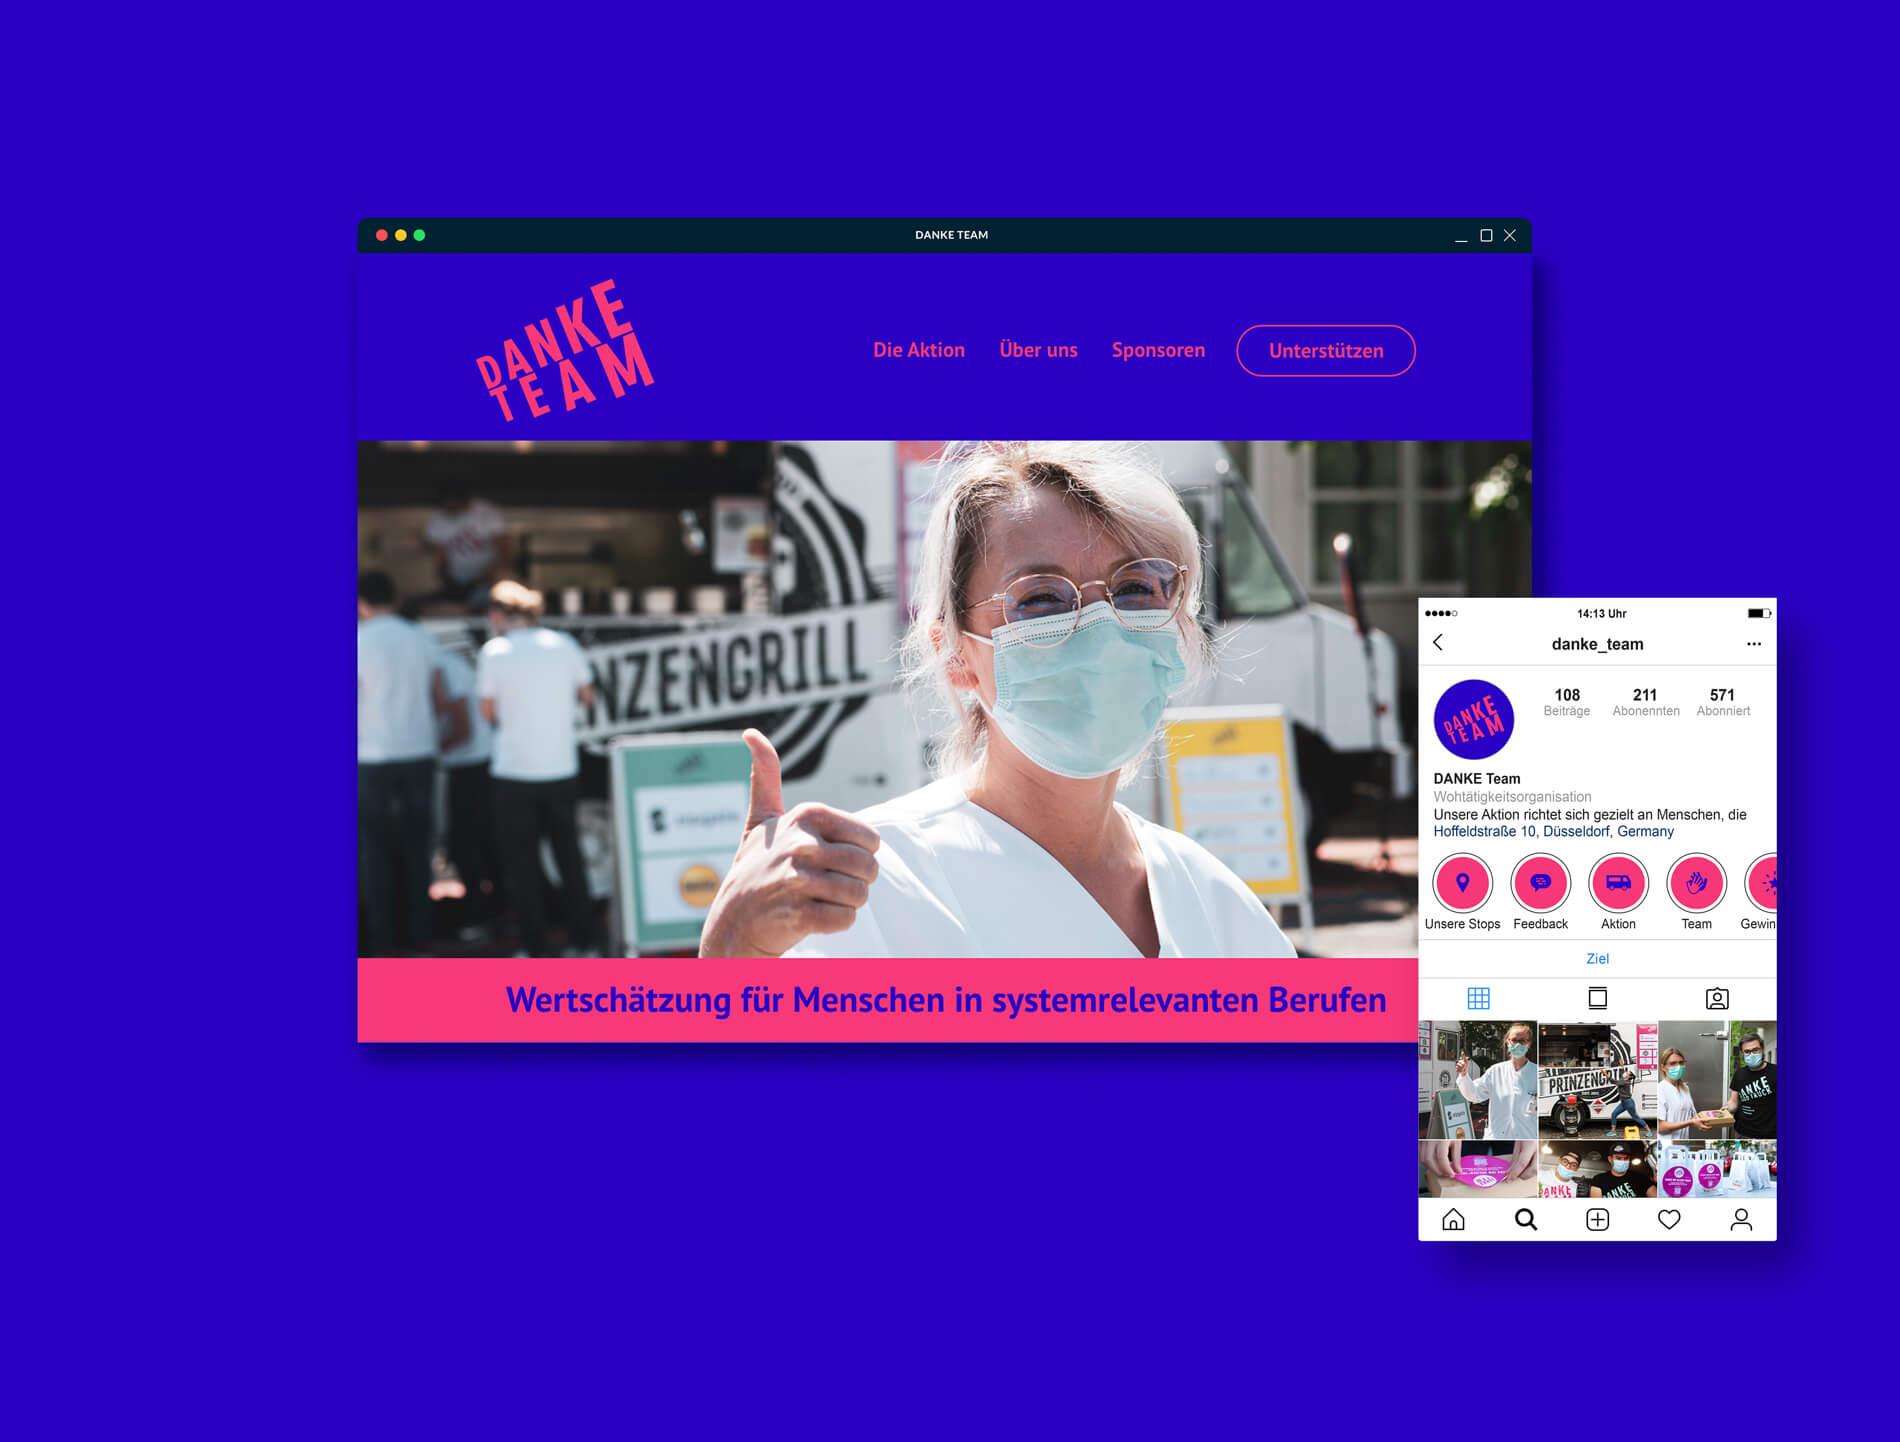 Danke Team Aktion Burger und Limonaden für systemrelevante Berufe Website Webdesign Instagram